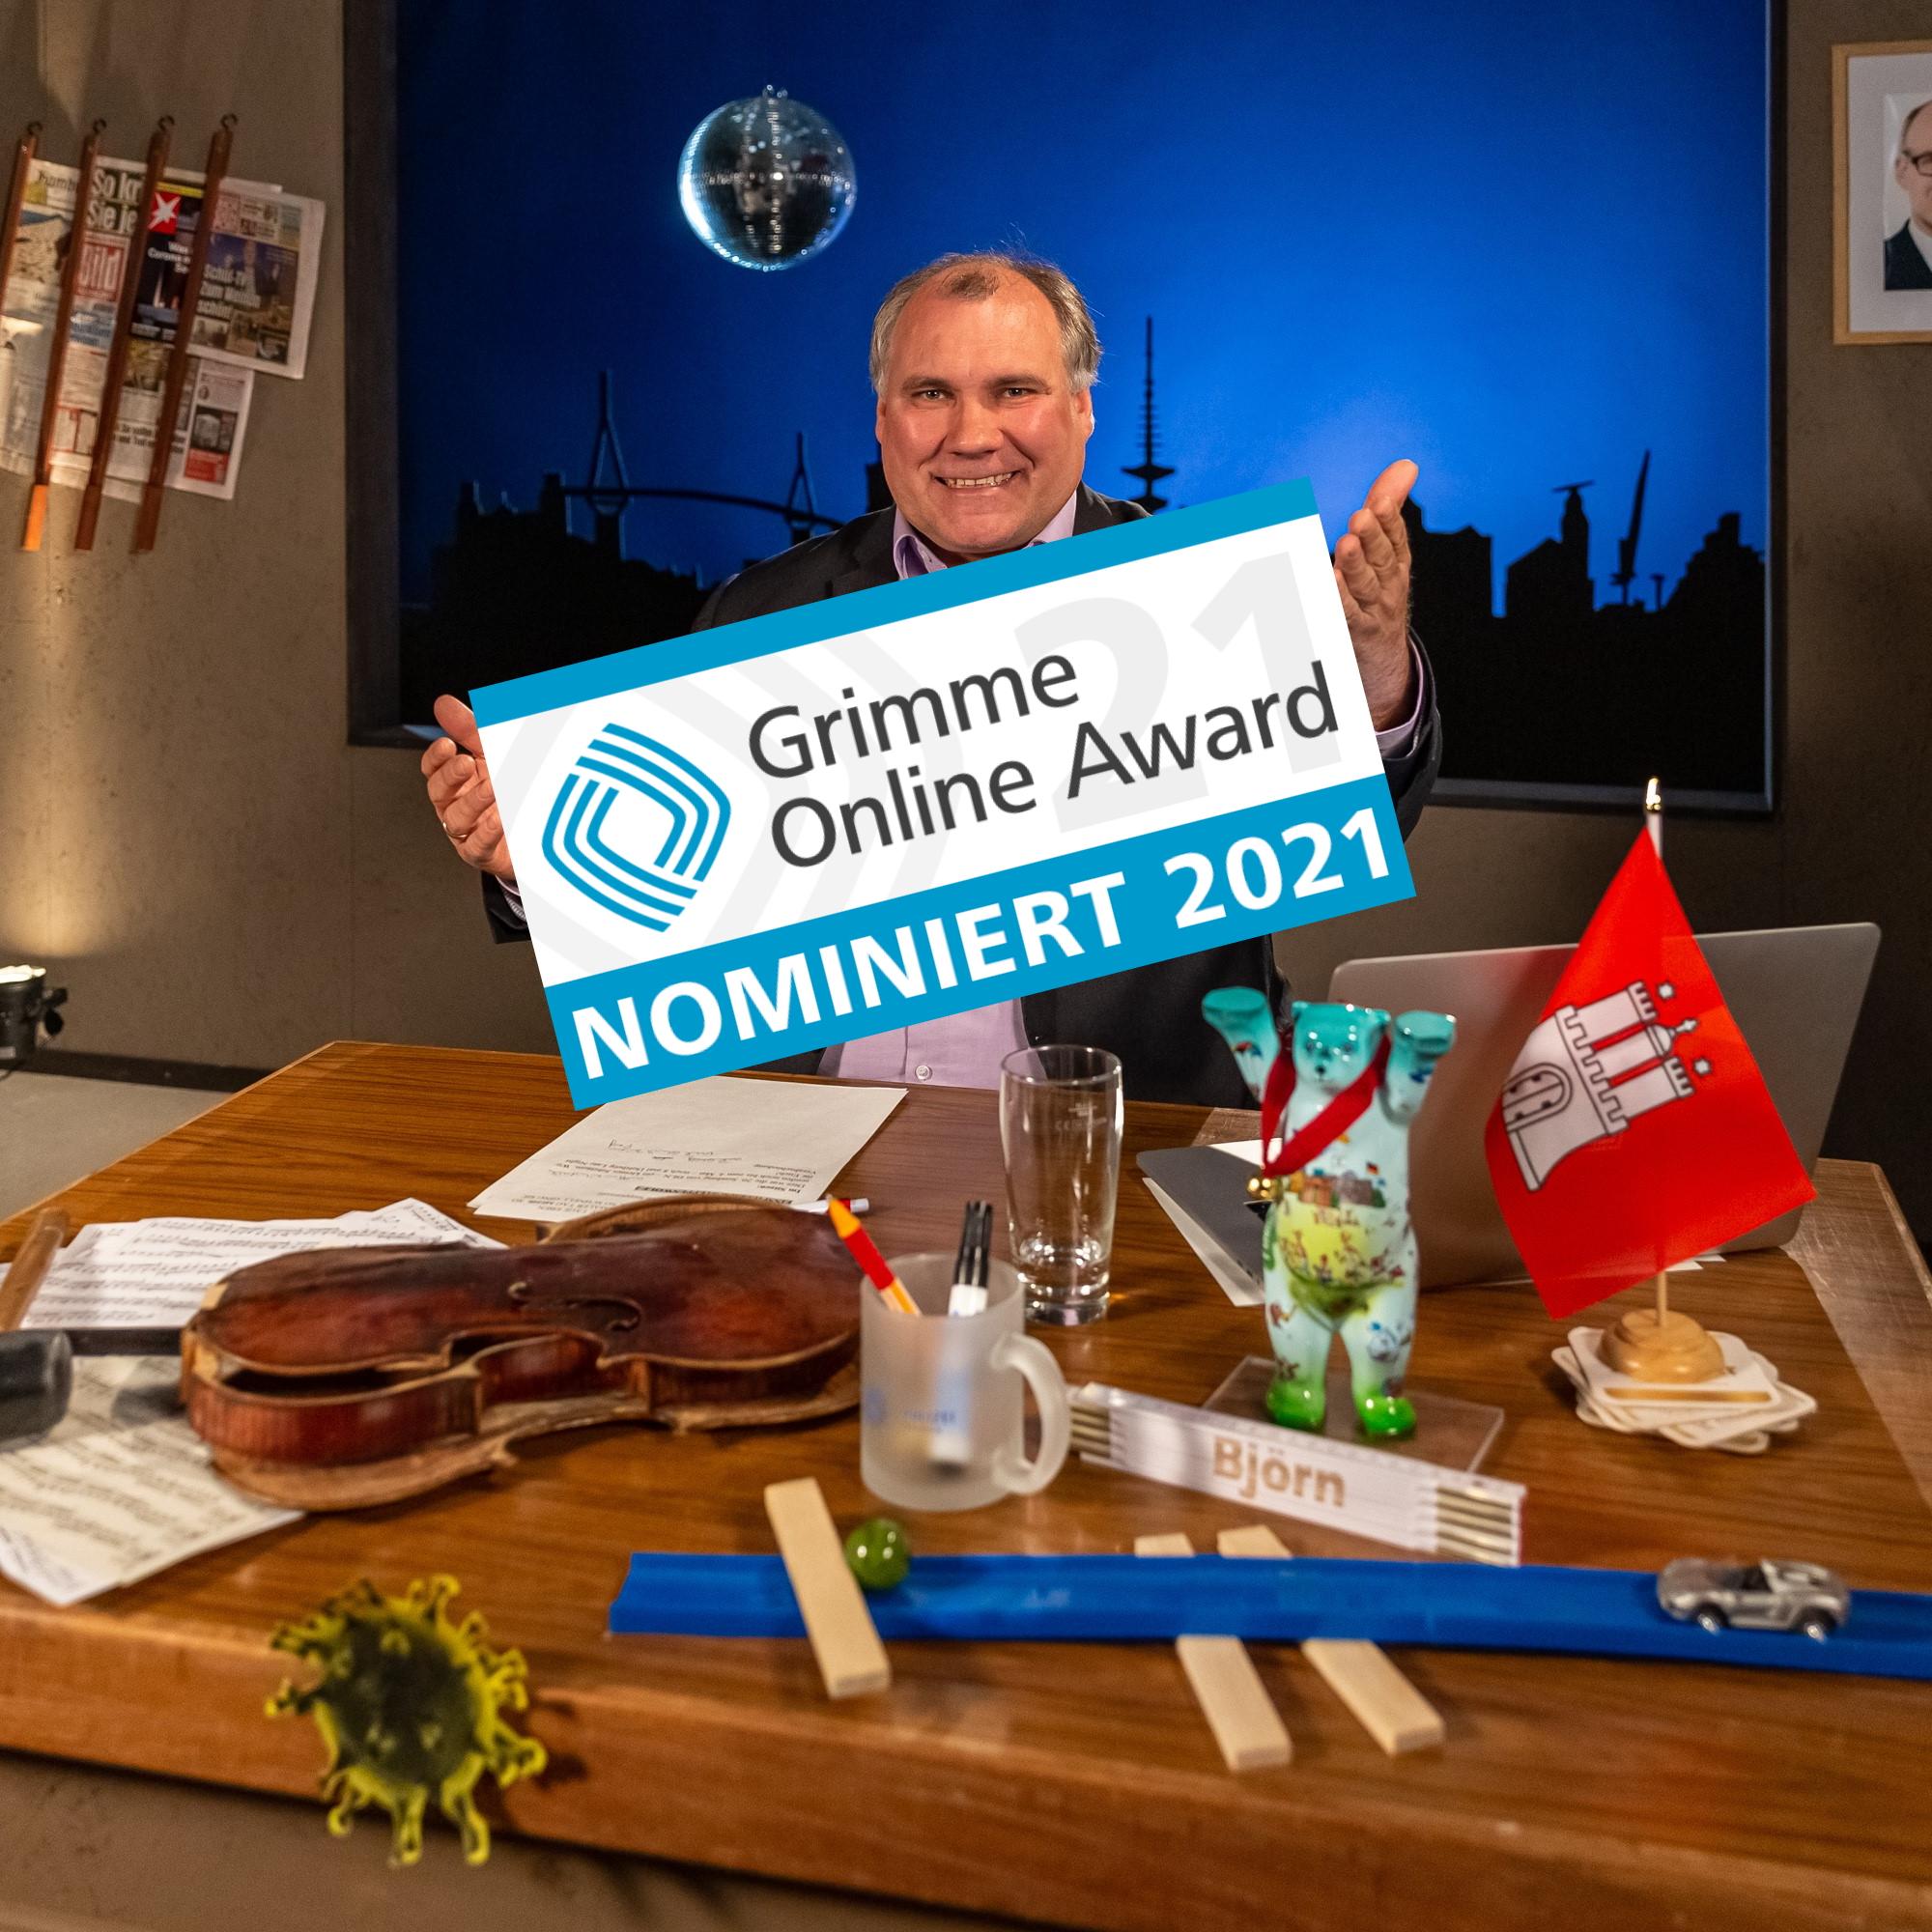 Nominierung Grimme-Preis (Online Award)